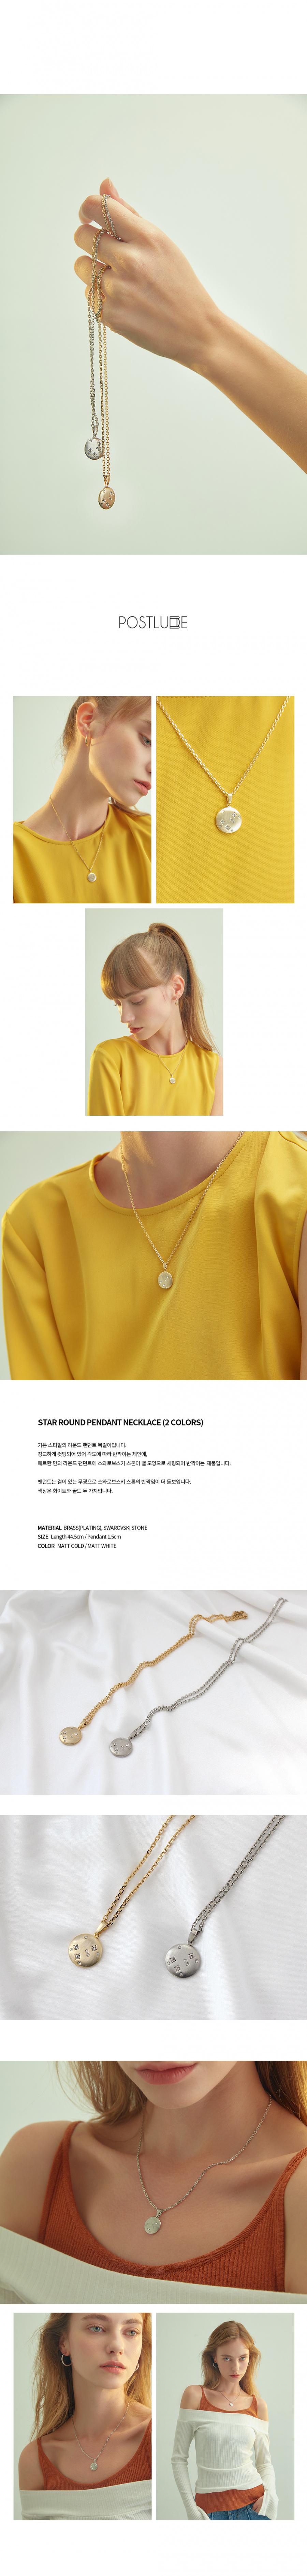 포스트루드(POSTLUDE) STAR ROUND P N (2 COLORS)